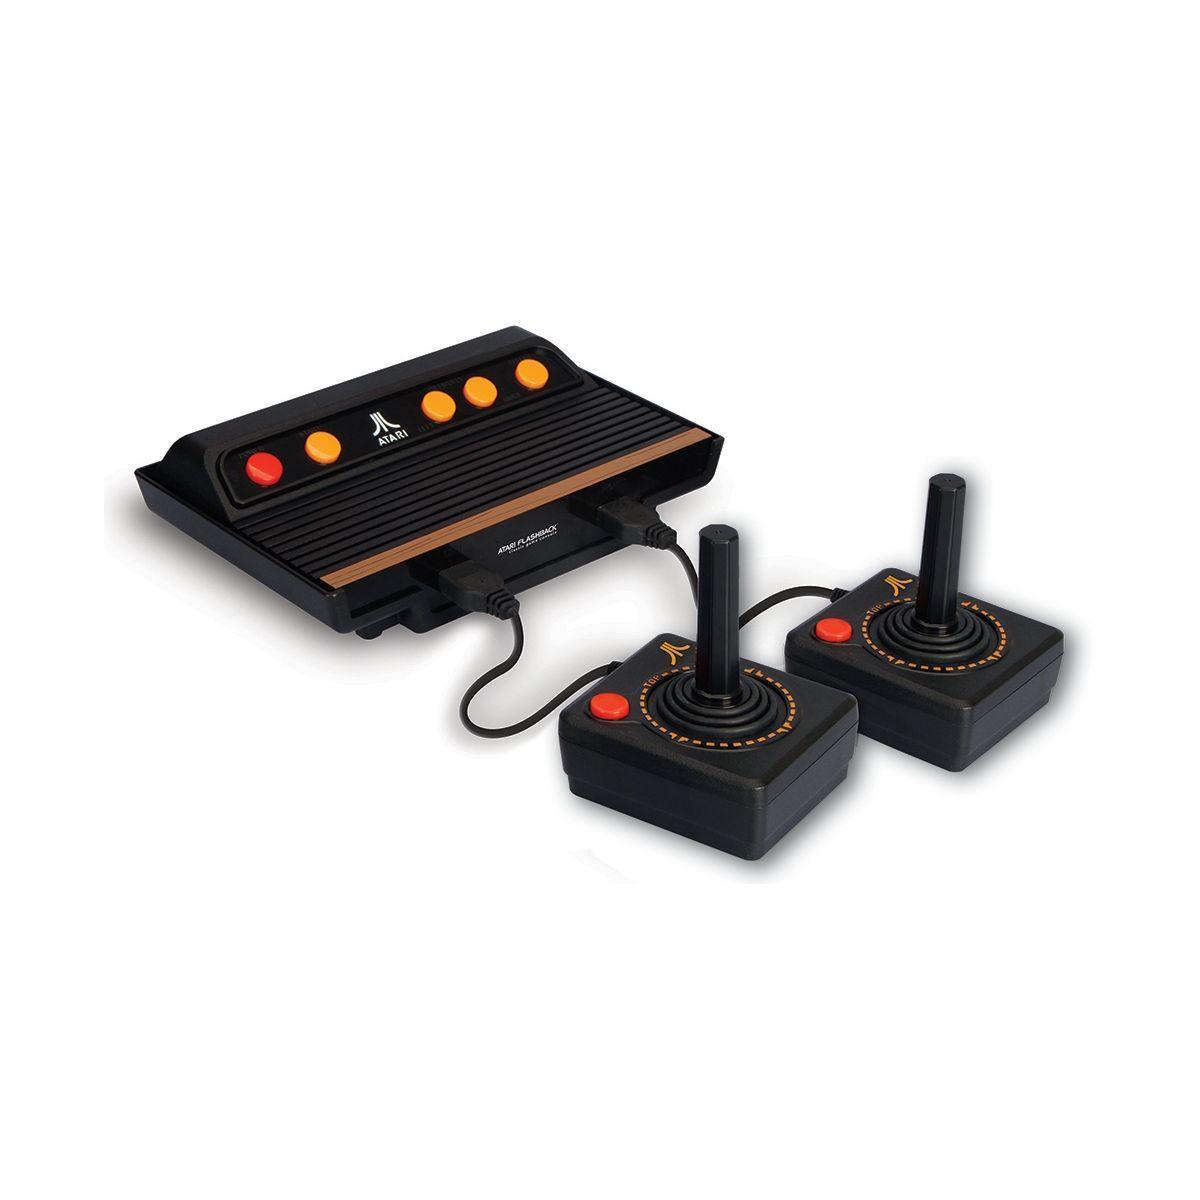 Console r�tro e-concept atari flashback 8 classic 105 jeux (photo)